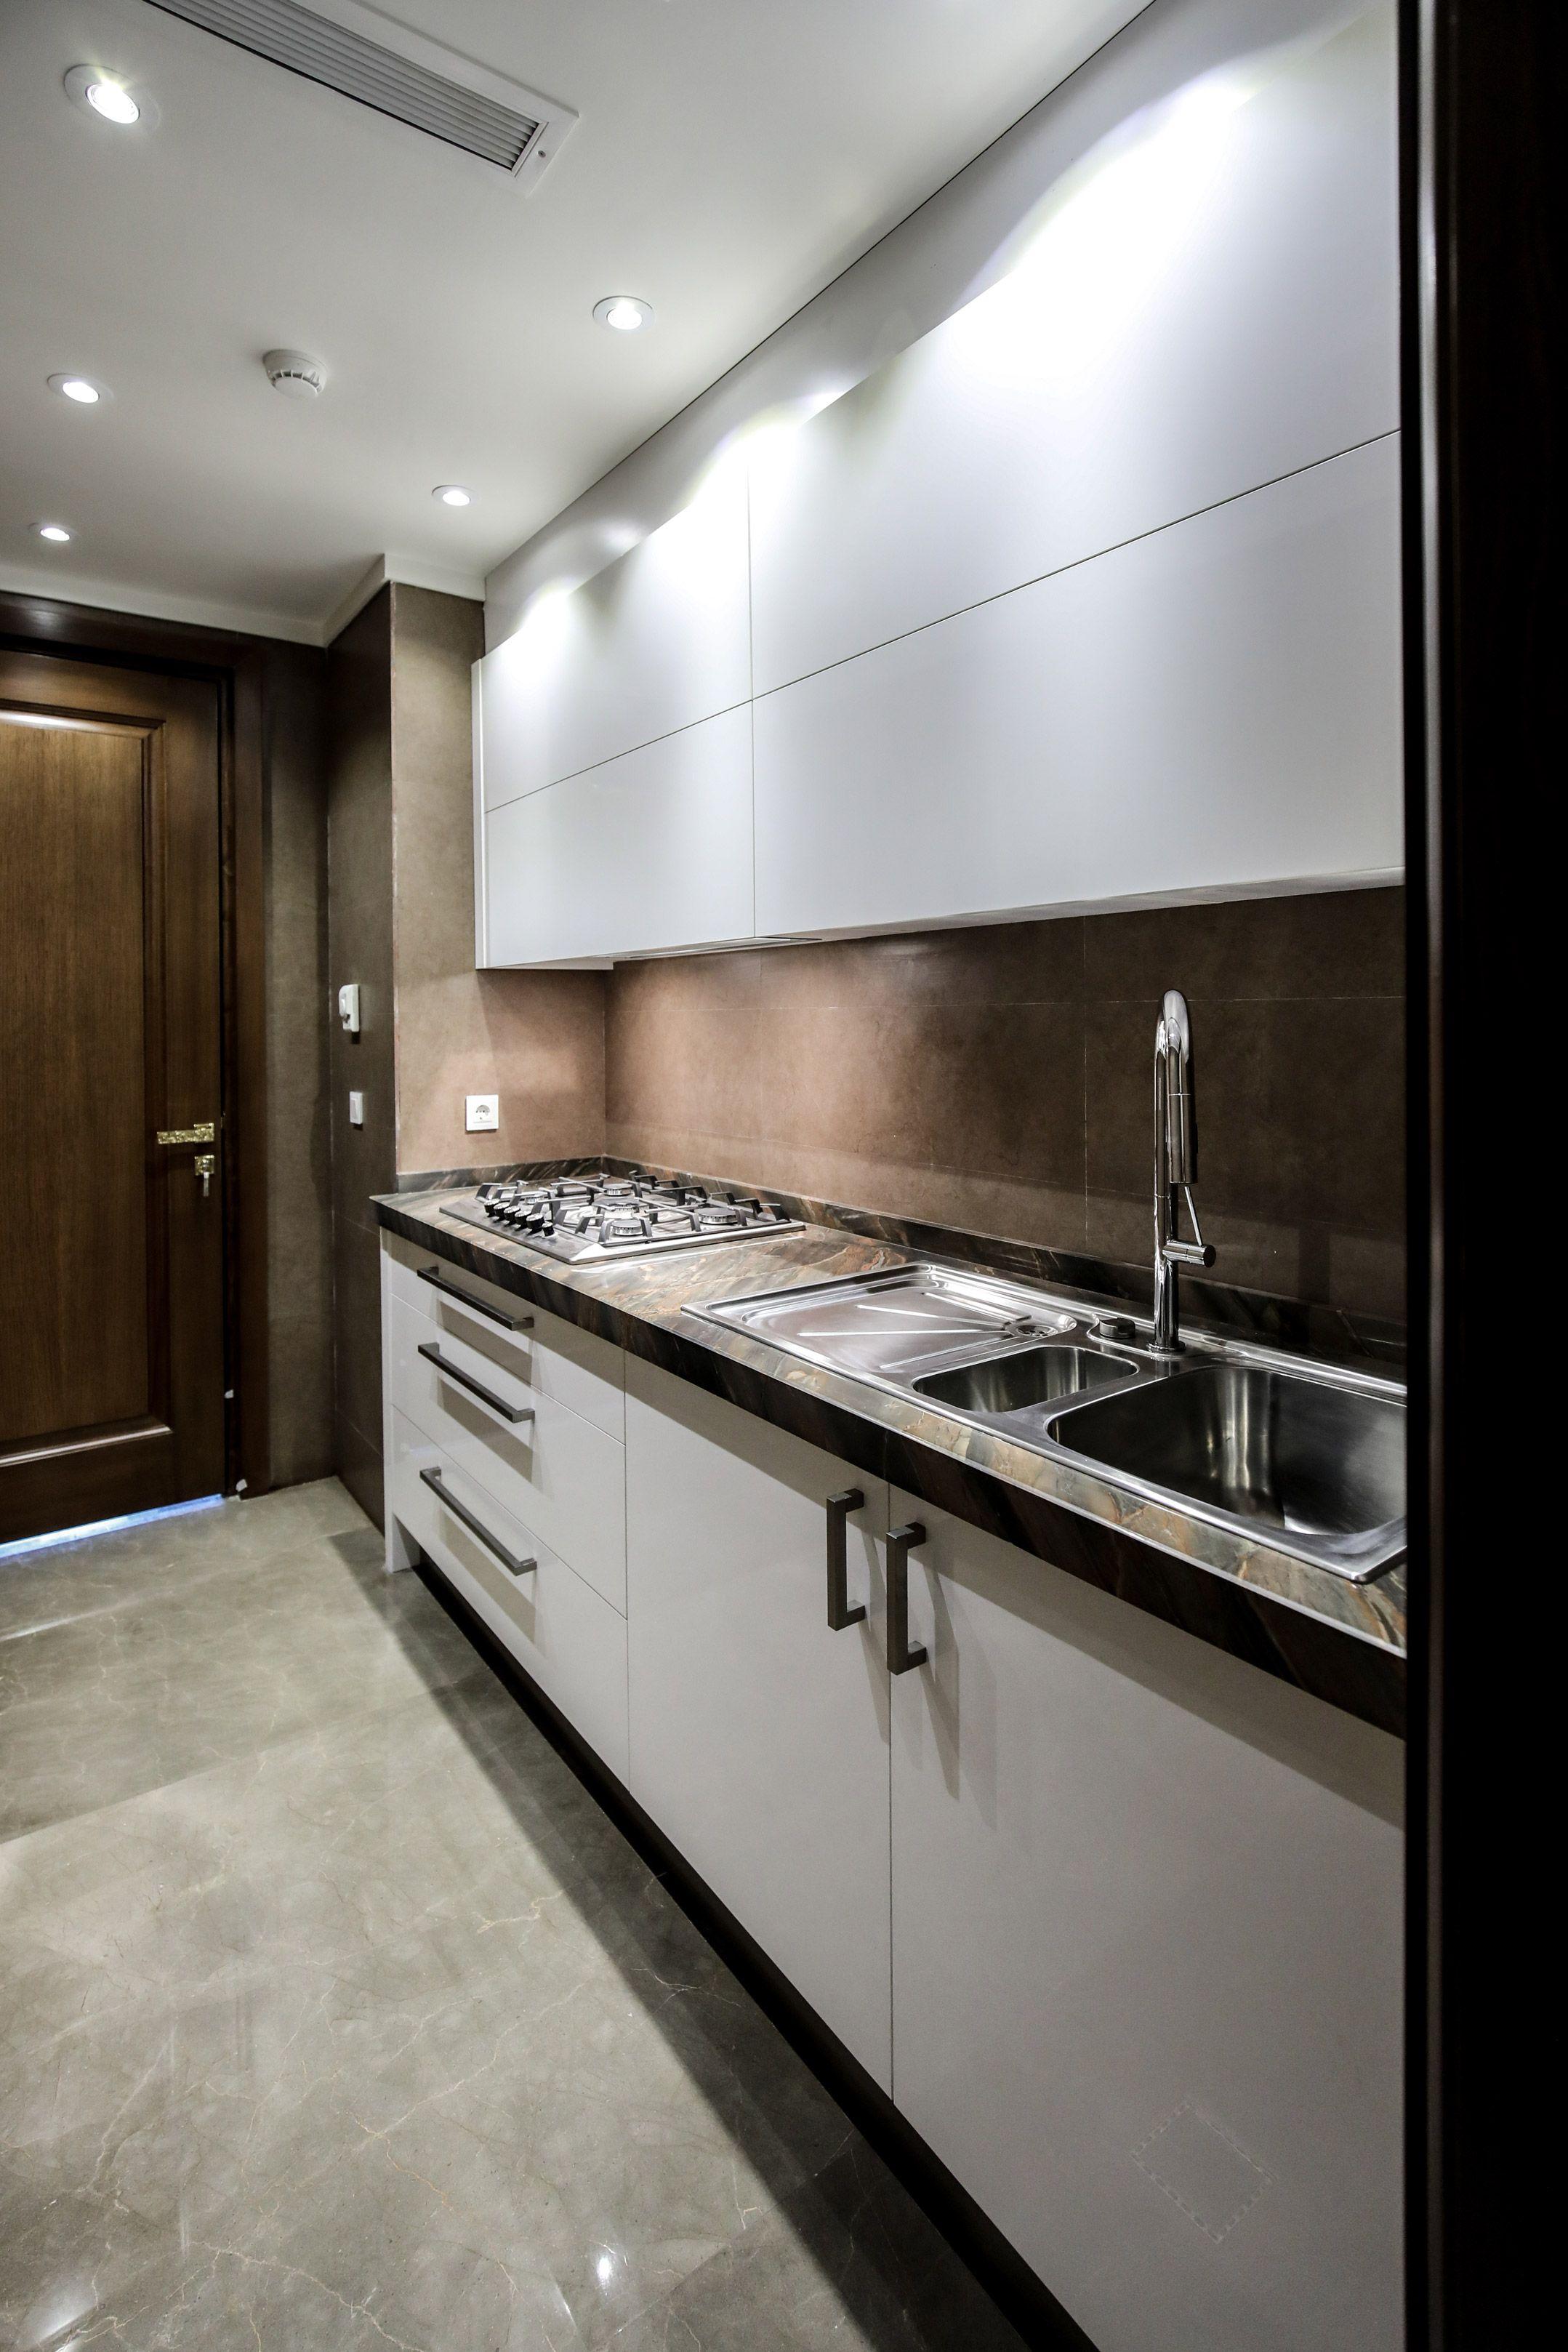 Modern Classic Kitchen Design: Luxury, Modern, Architecture, Material, Design, Kitchen